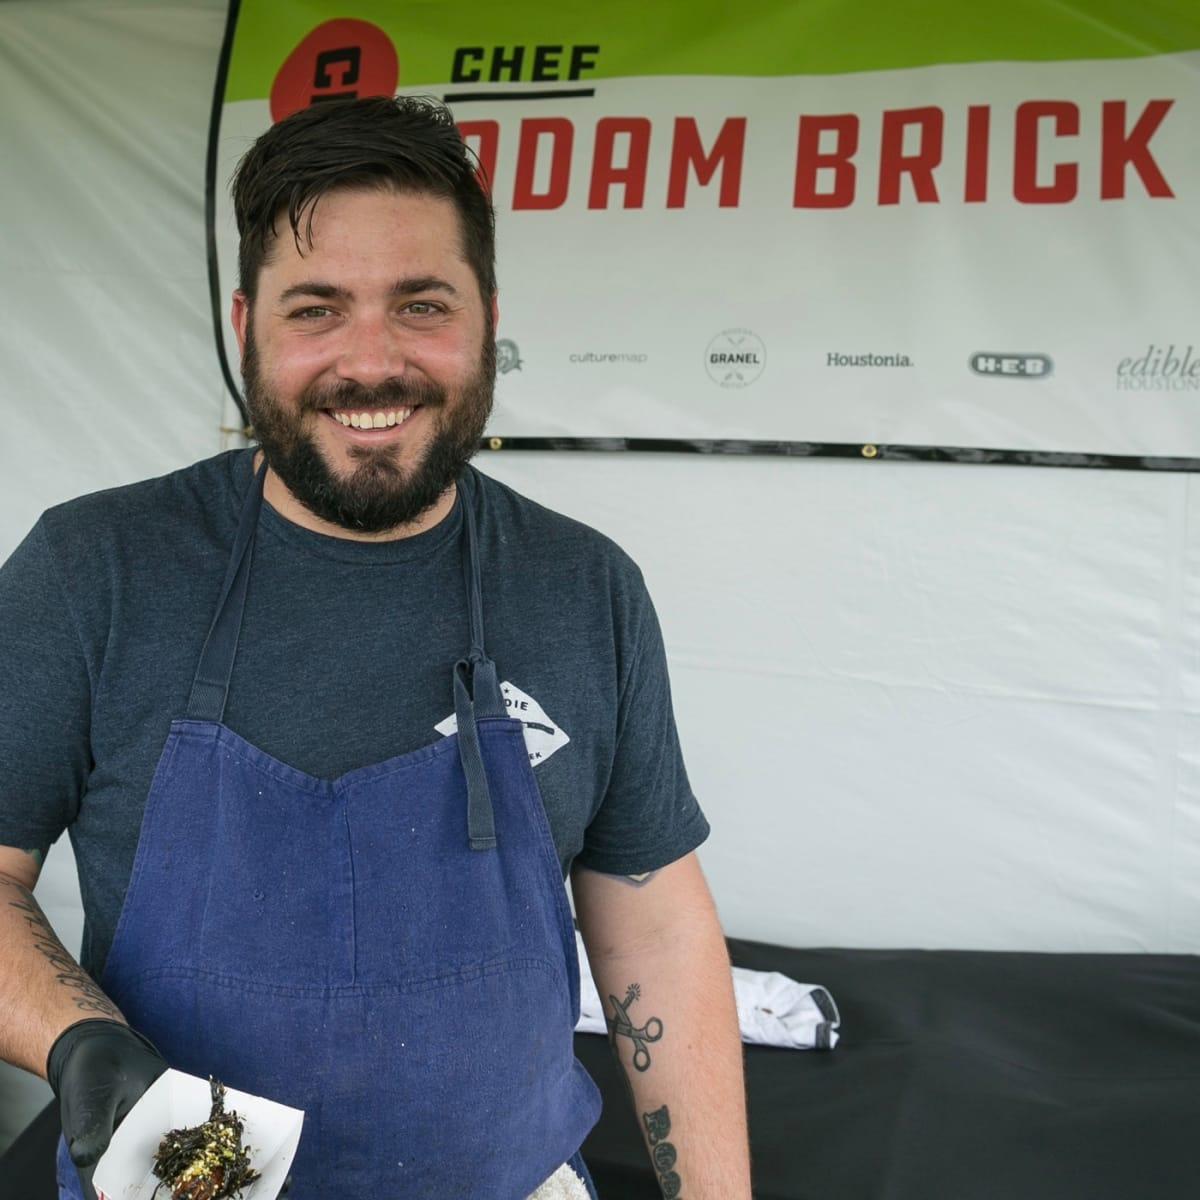 Adam Brick Chef Fest 2018